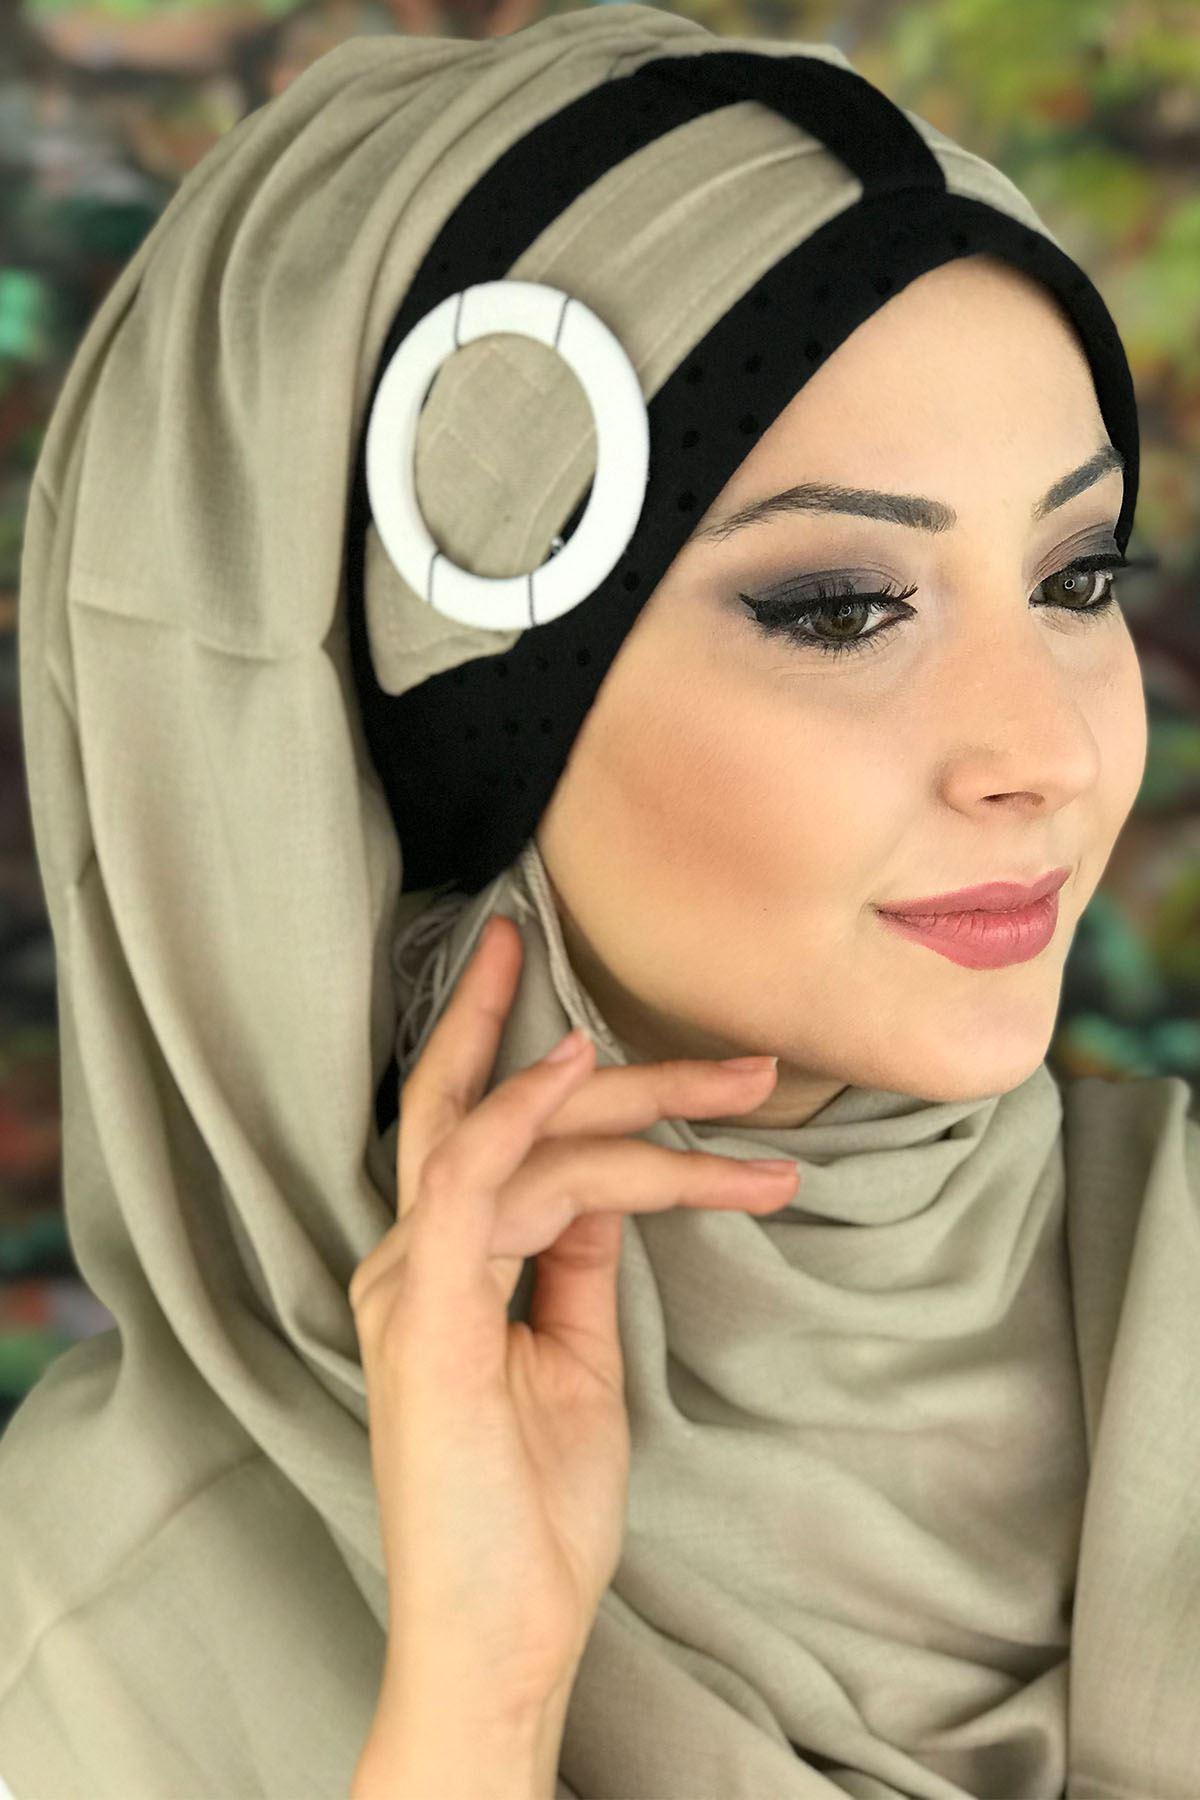 Sayf Model Bej Renkli Tokalı Kemerli Hazır Şal